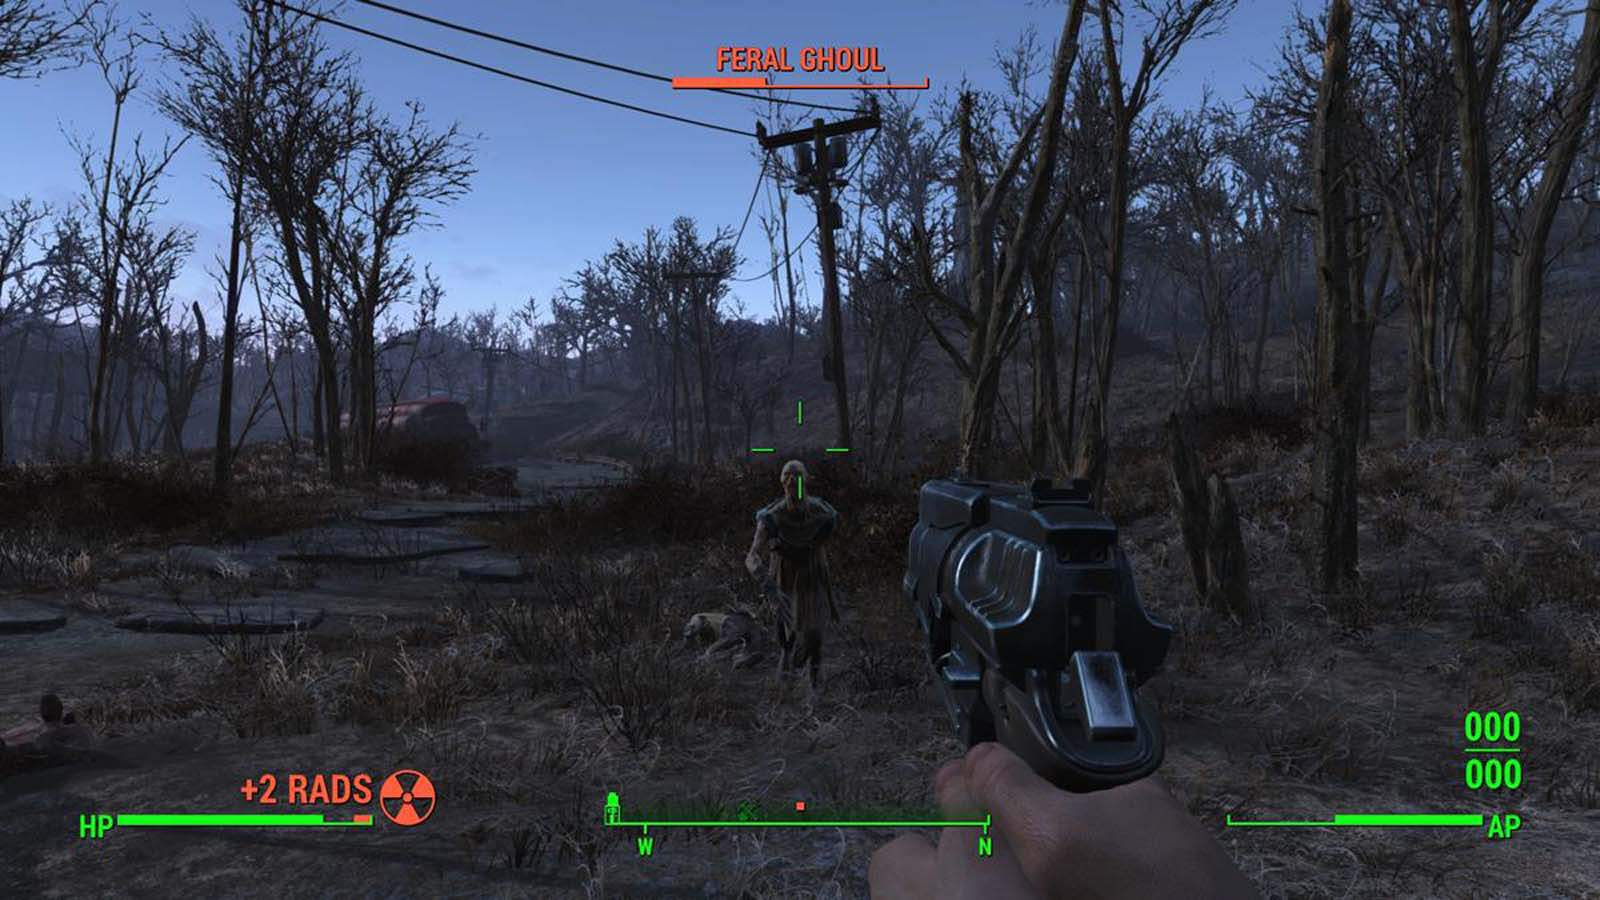 تحميل لعبة Fallout 4 مضغوطة كاملة بروابط مباشرة مجانا